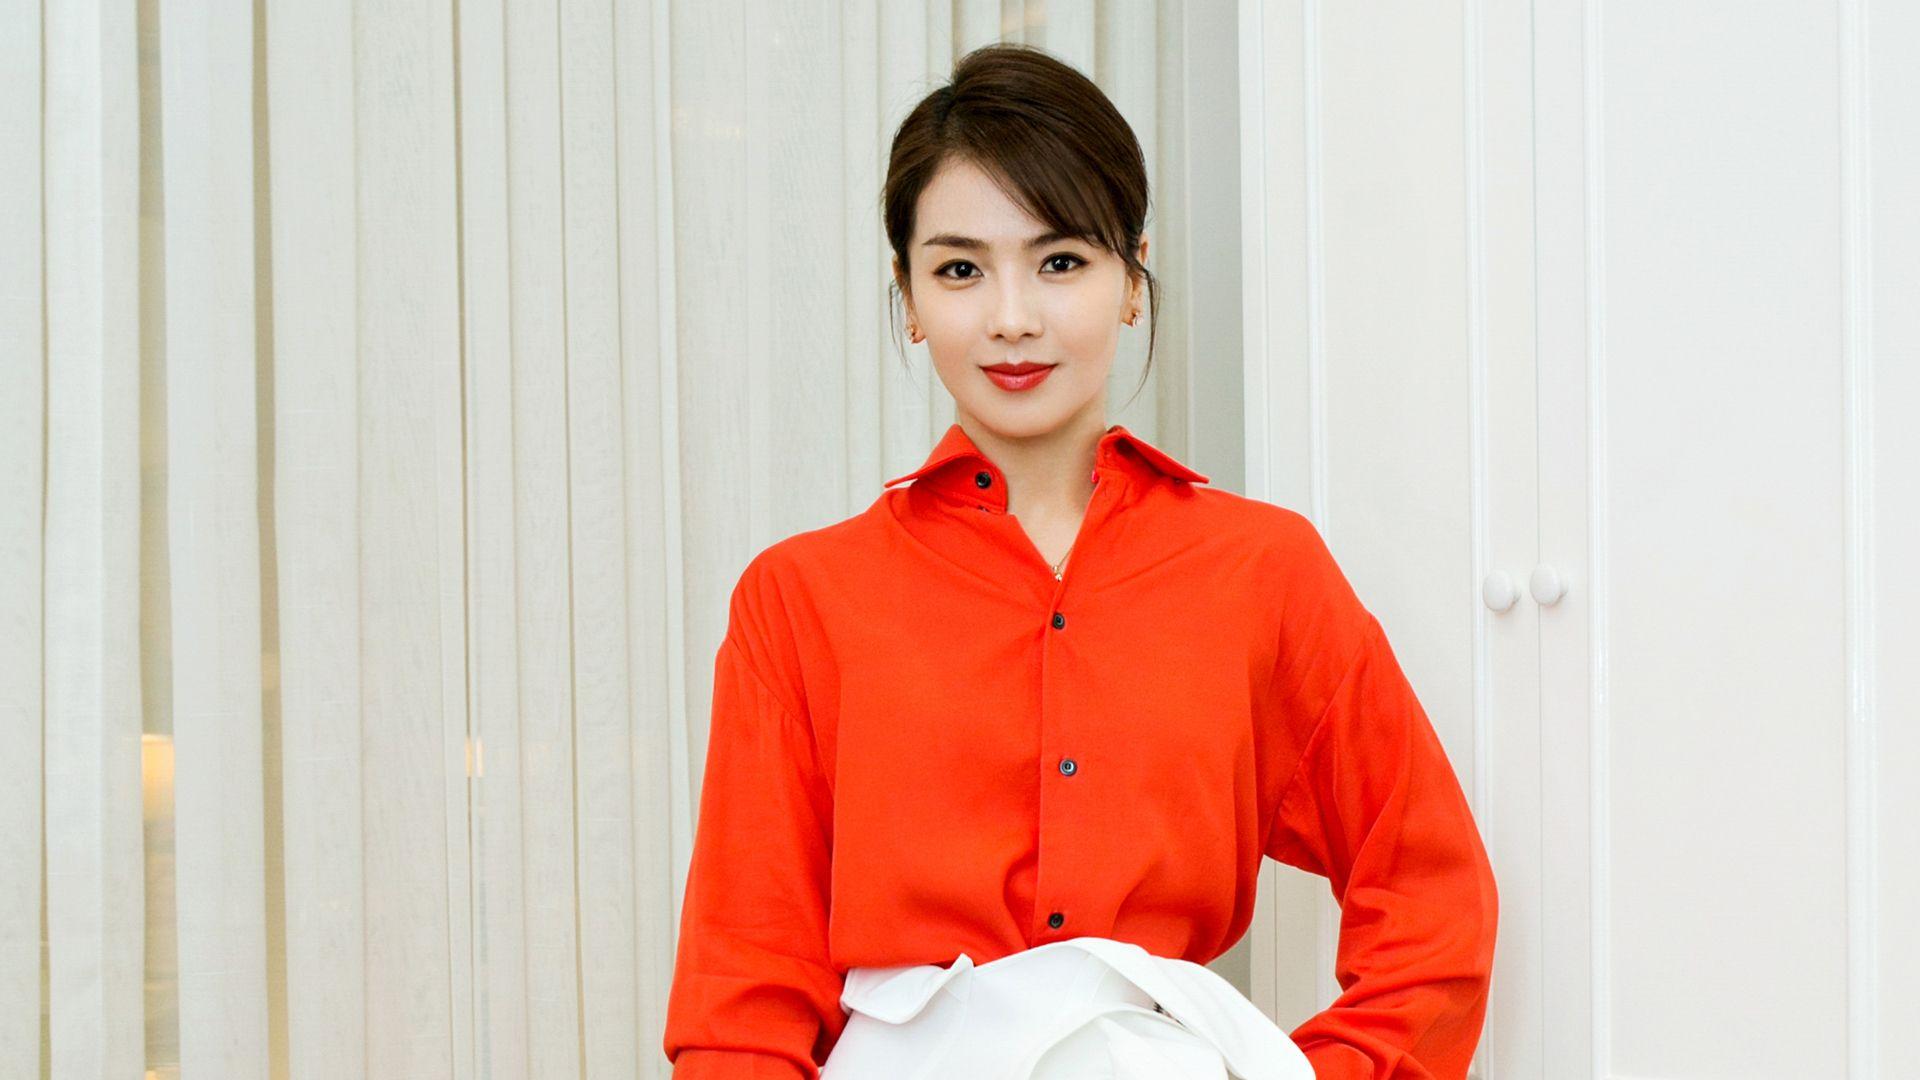 影视圈里的女神级演员图集,刘涛杨幂黄圣依杨紫等你们喜欢谁?